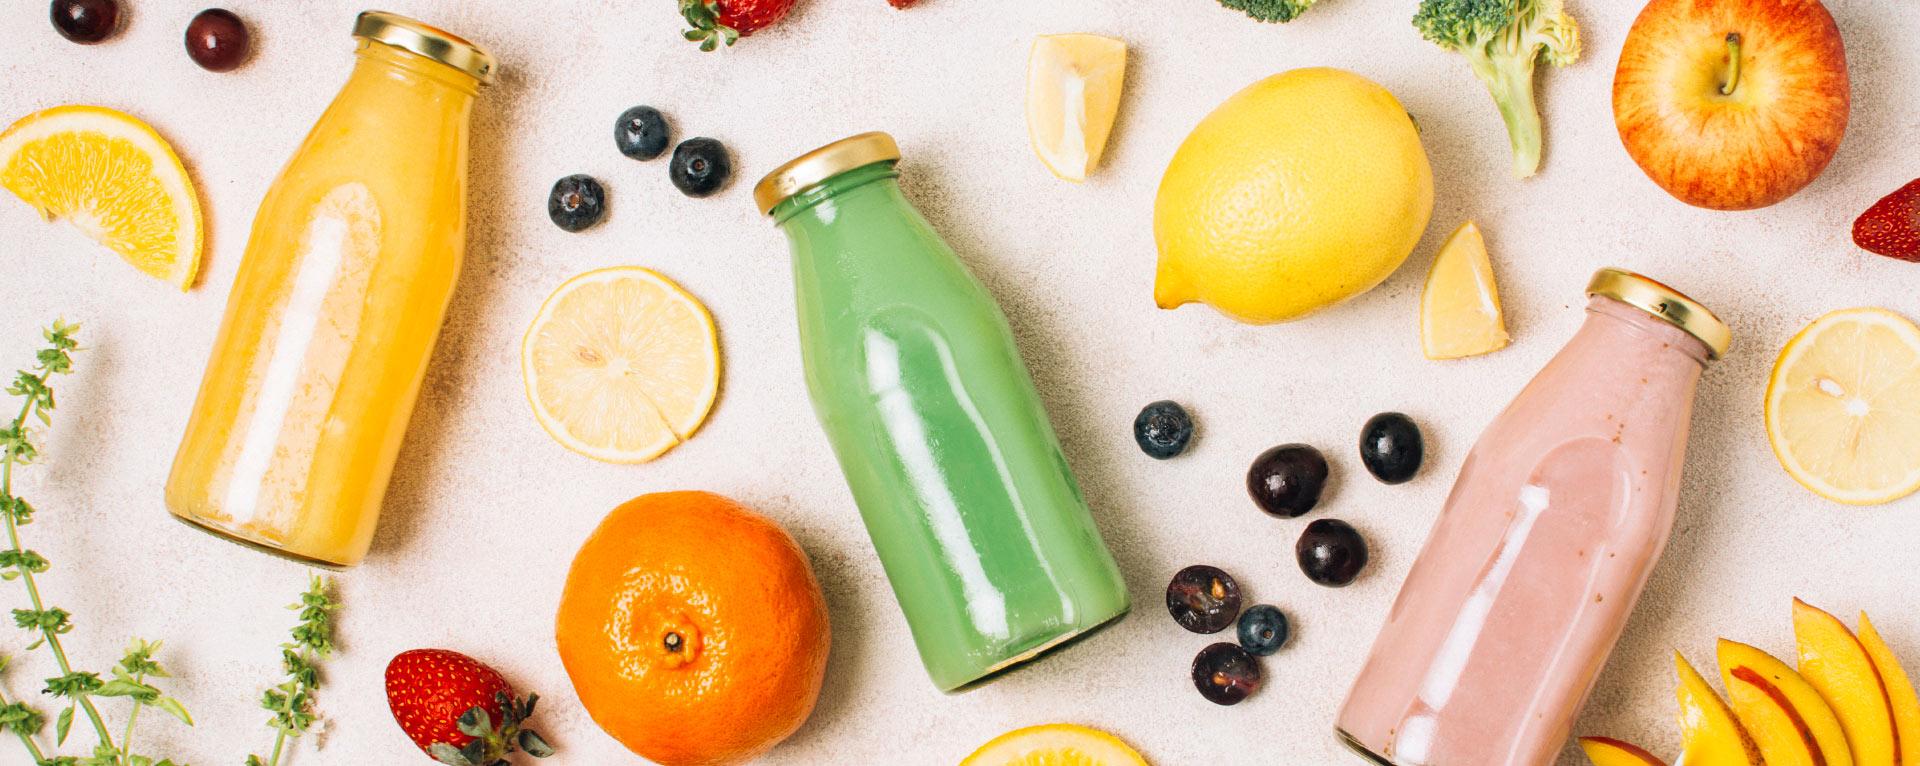 bebidas a base de frutas y concentrados